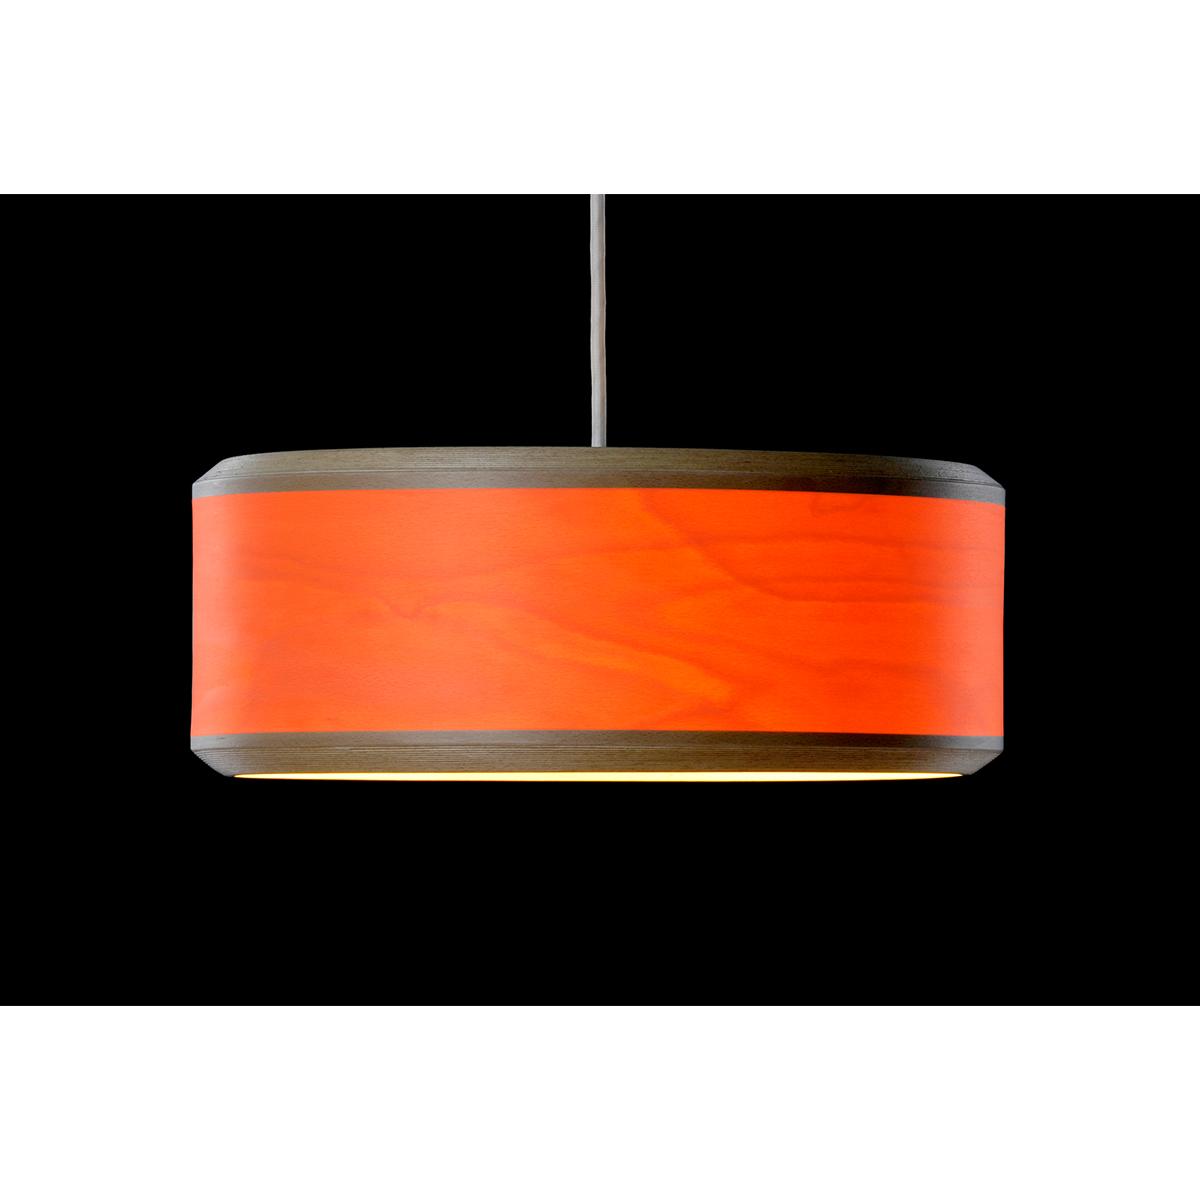 ブナコ PENDANT LAMP BL-P331 /マルゲリータ